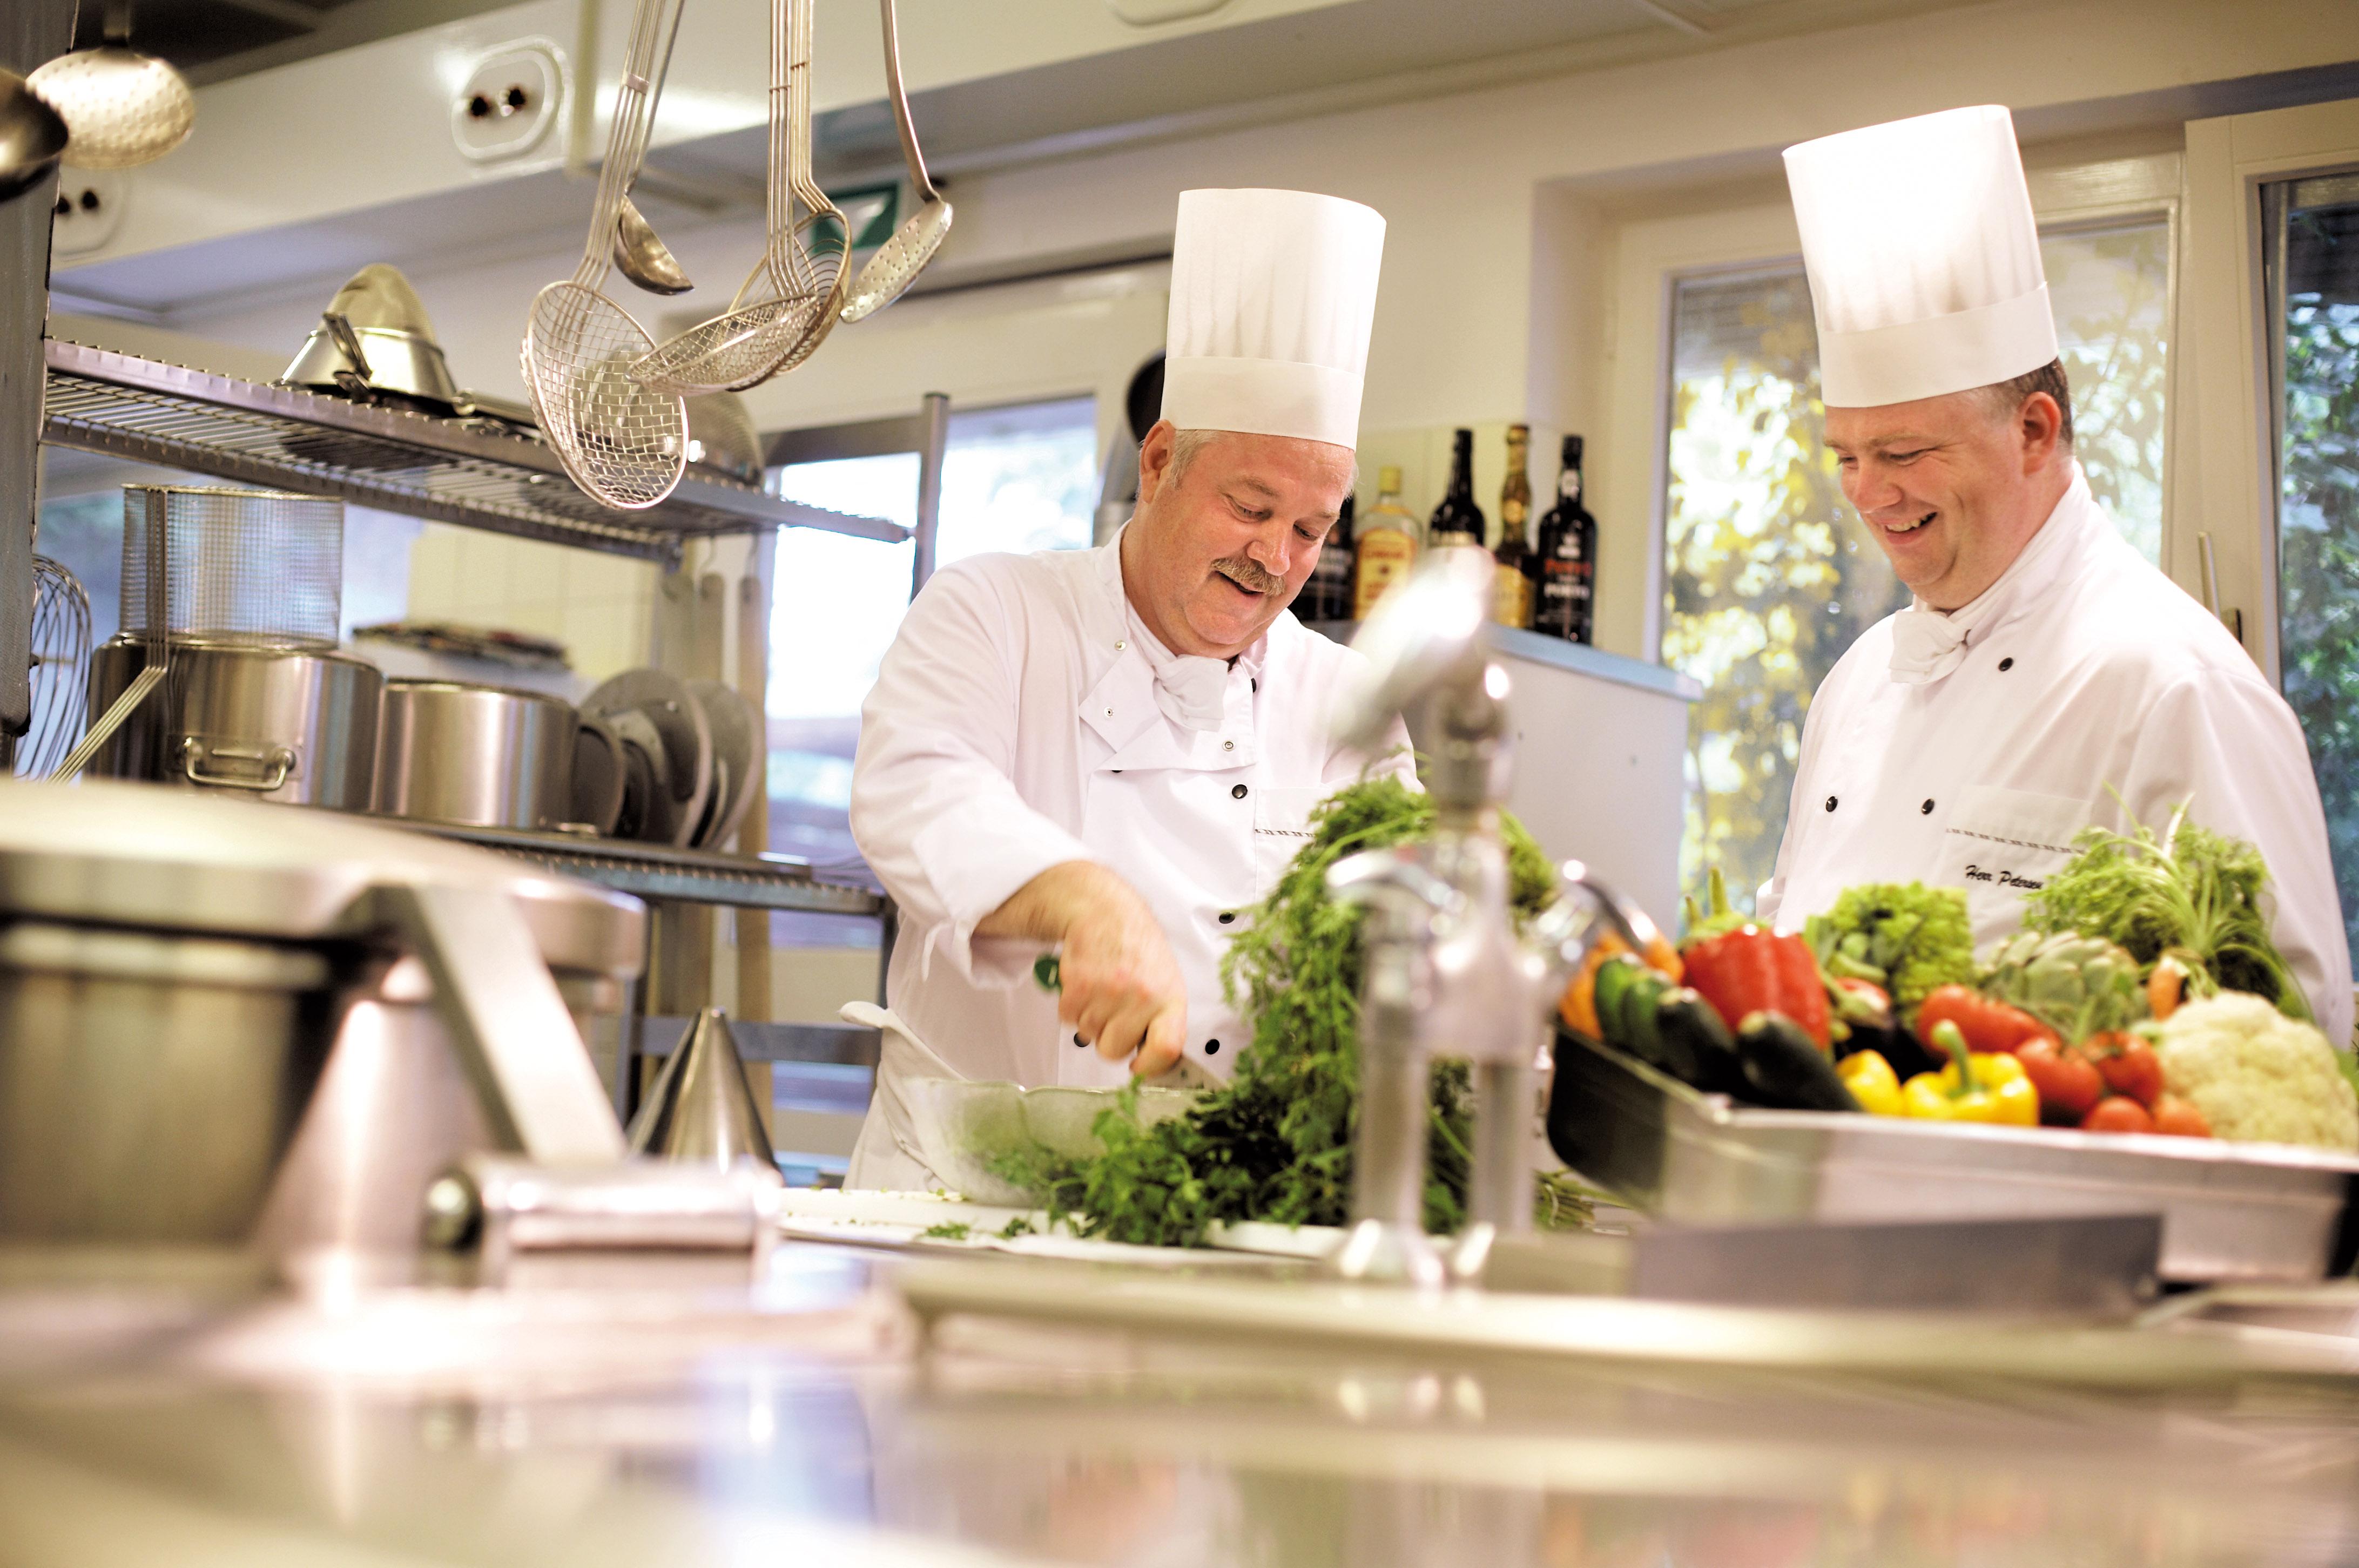 Tolle Koch In Der Küche Zeitgenössisch - Küchenschrank Ideen ...